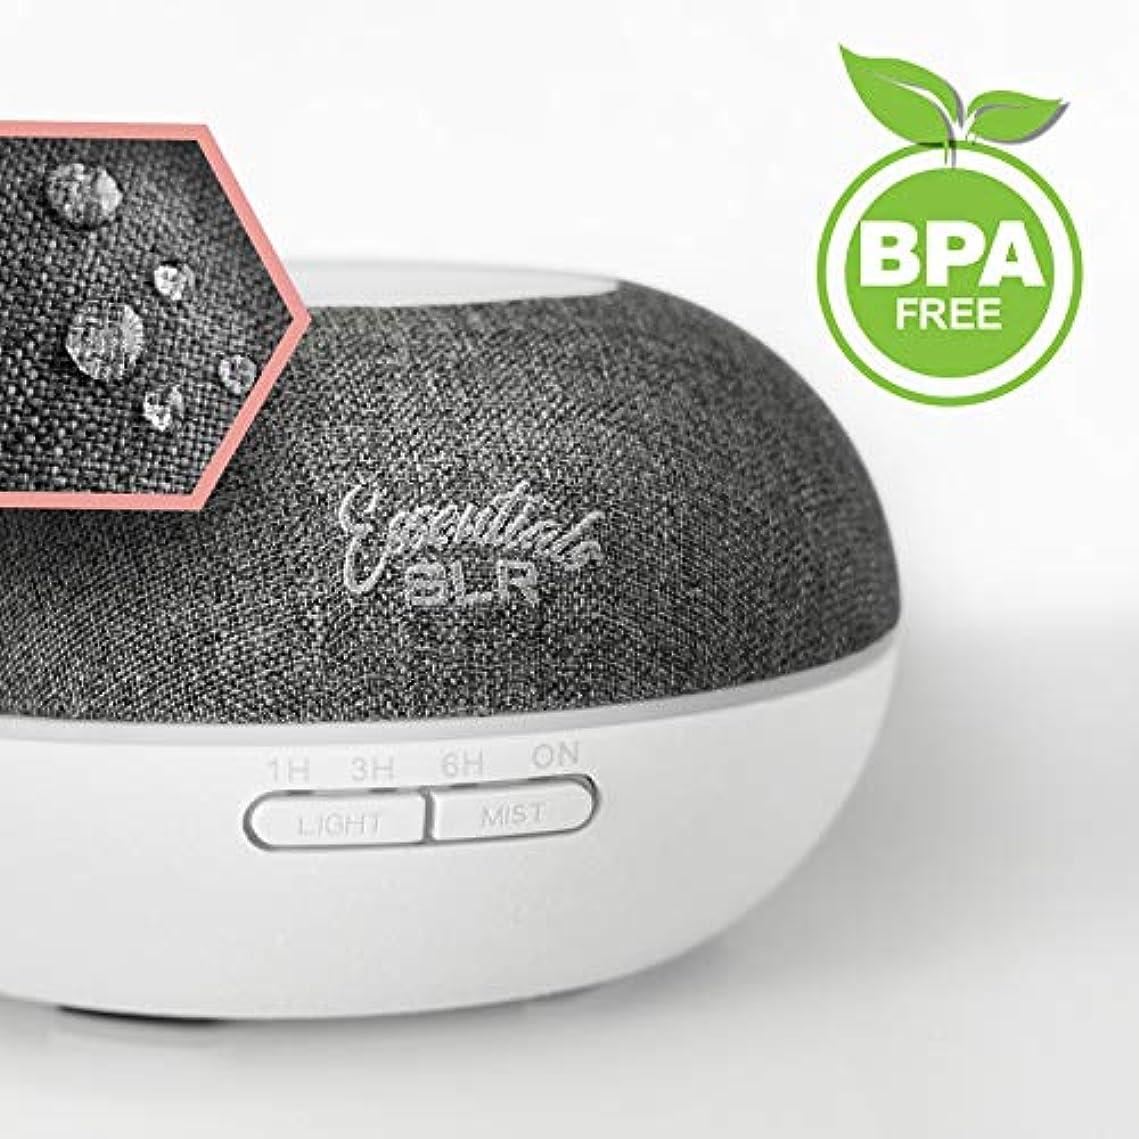 実業家相対的悪夢SLR 500 ml Aromatherapy Essential Oil Large Diffuser BPAフリー超音波空気加湿器withマルチカラー変更LED、自動遮断 500ml SLR:900-00055